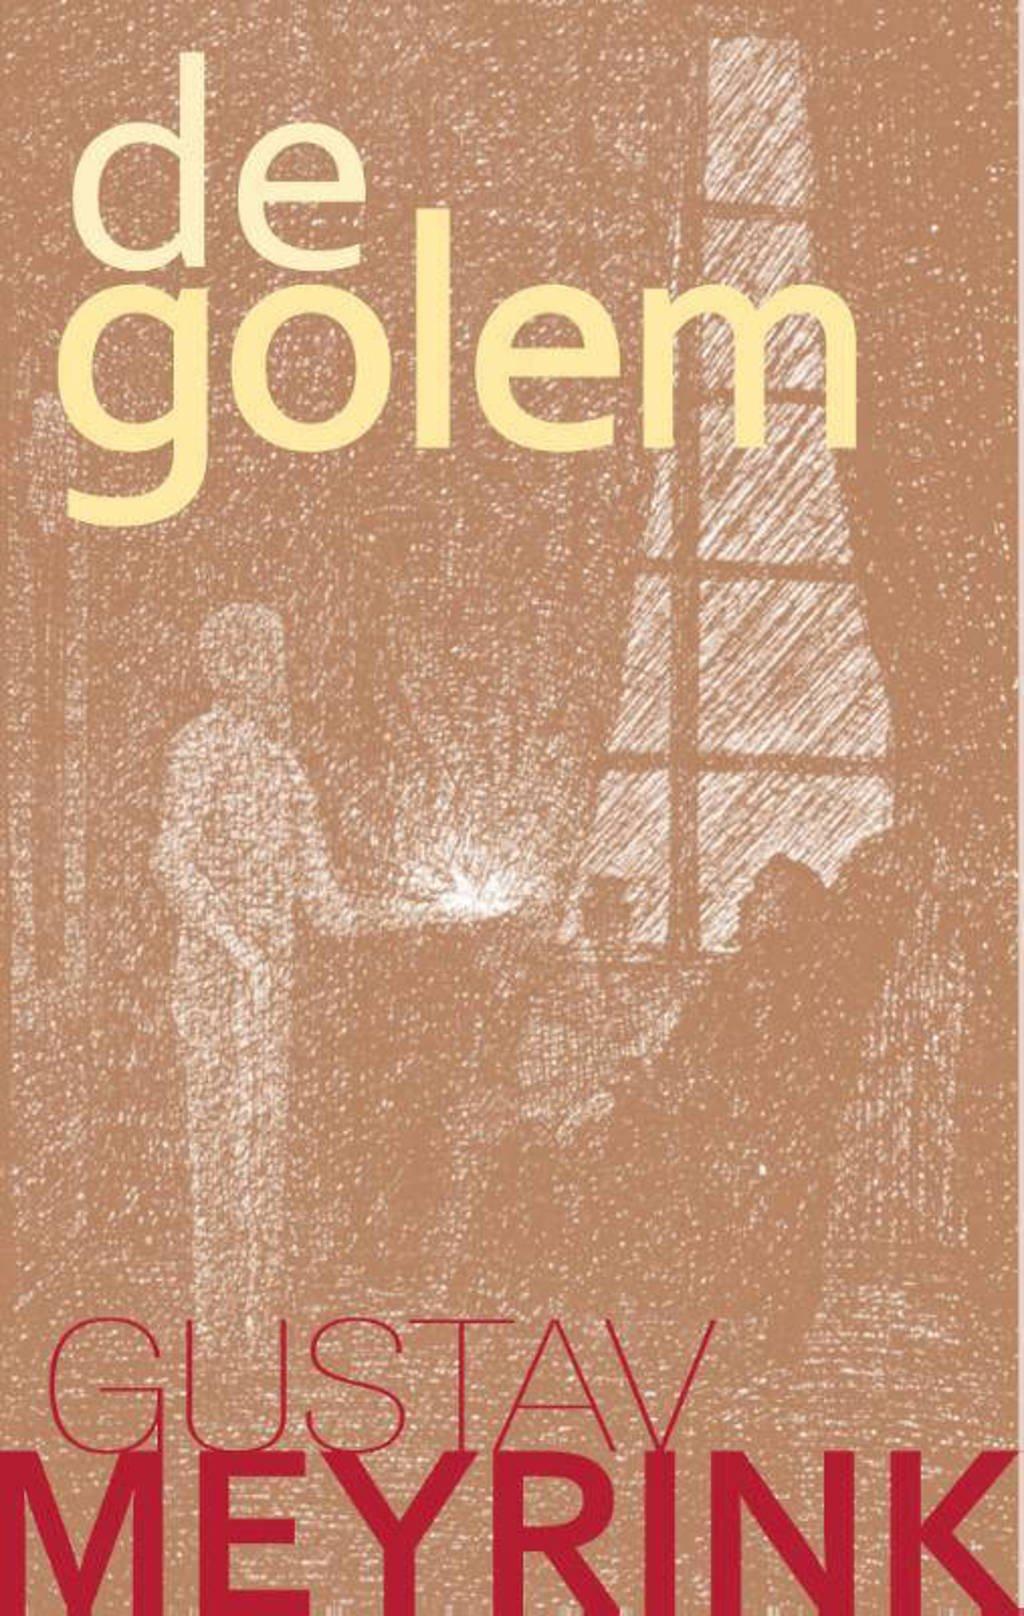 De golem - Gustav Meyrink